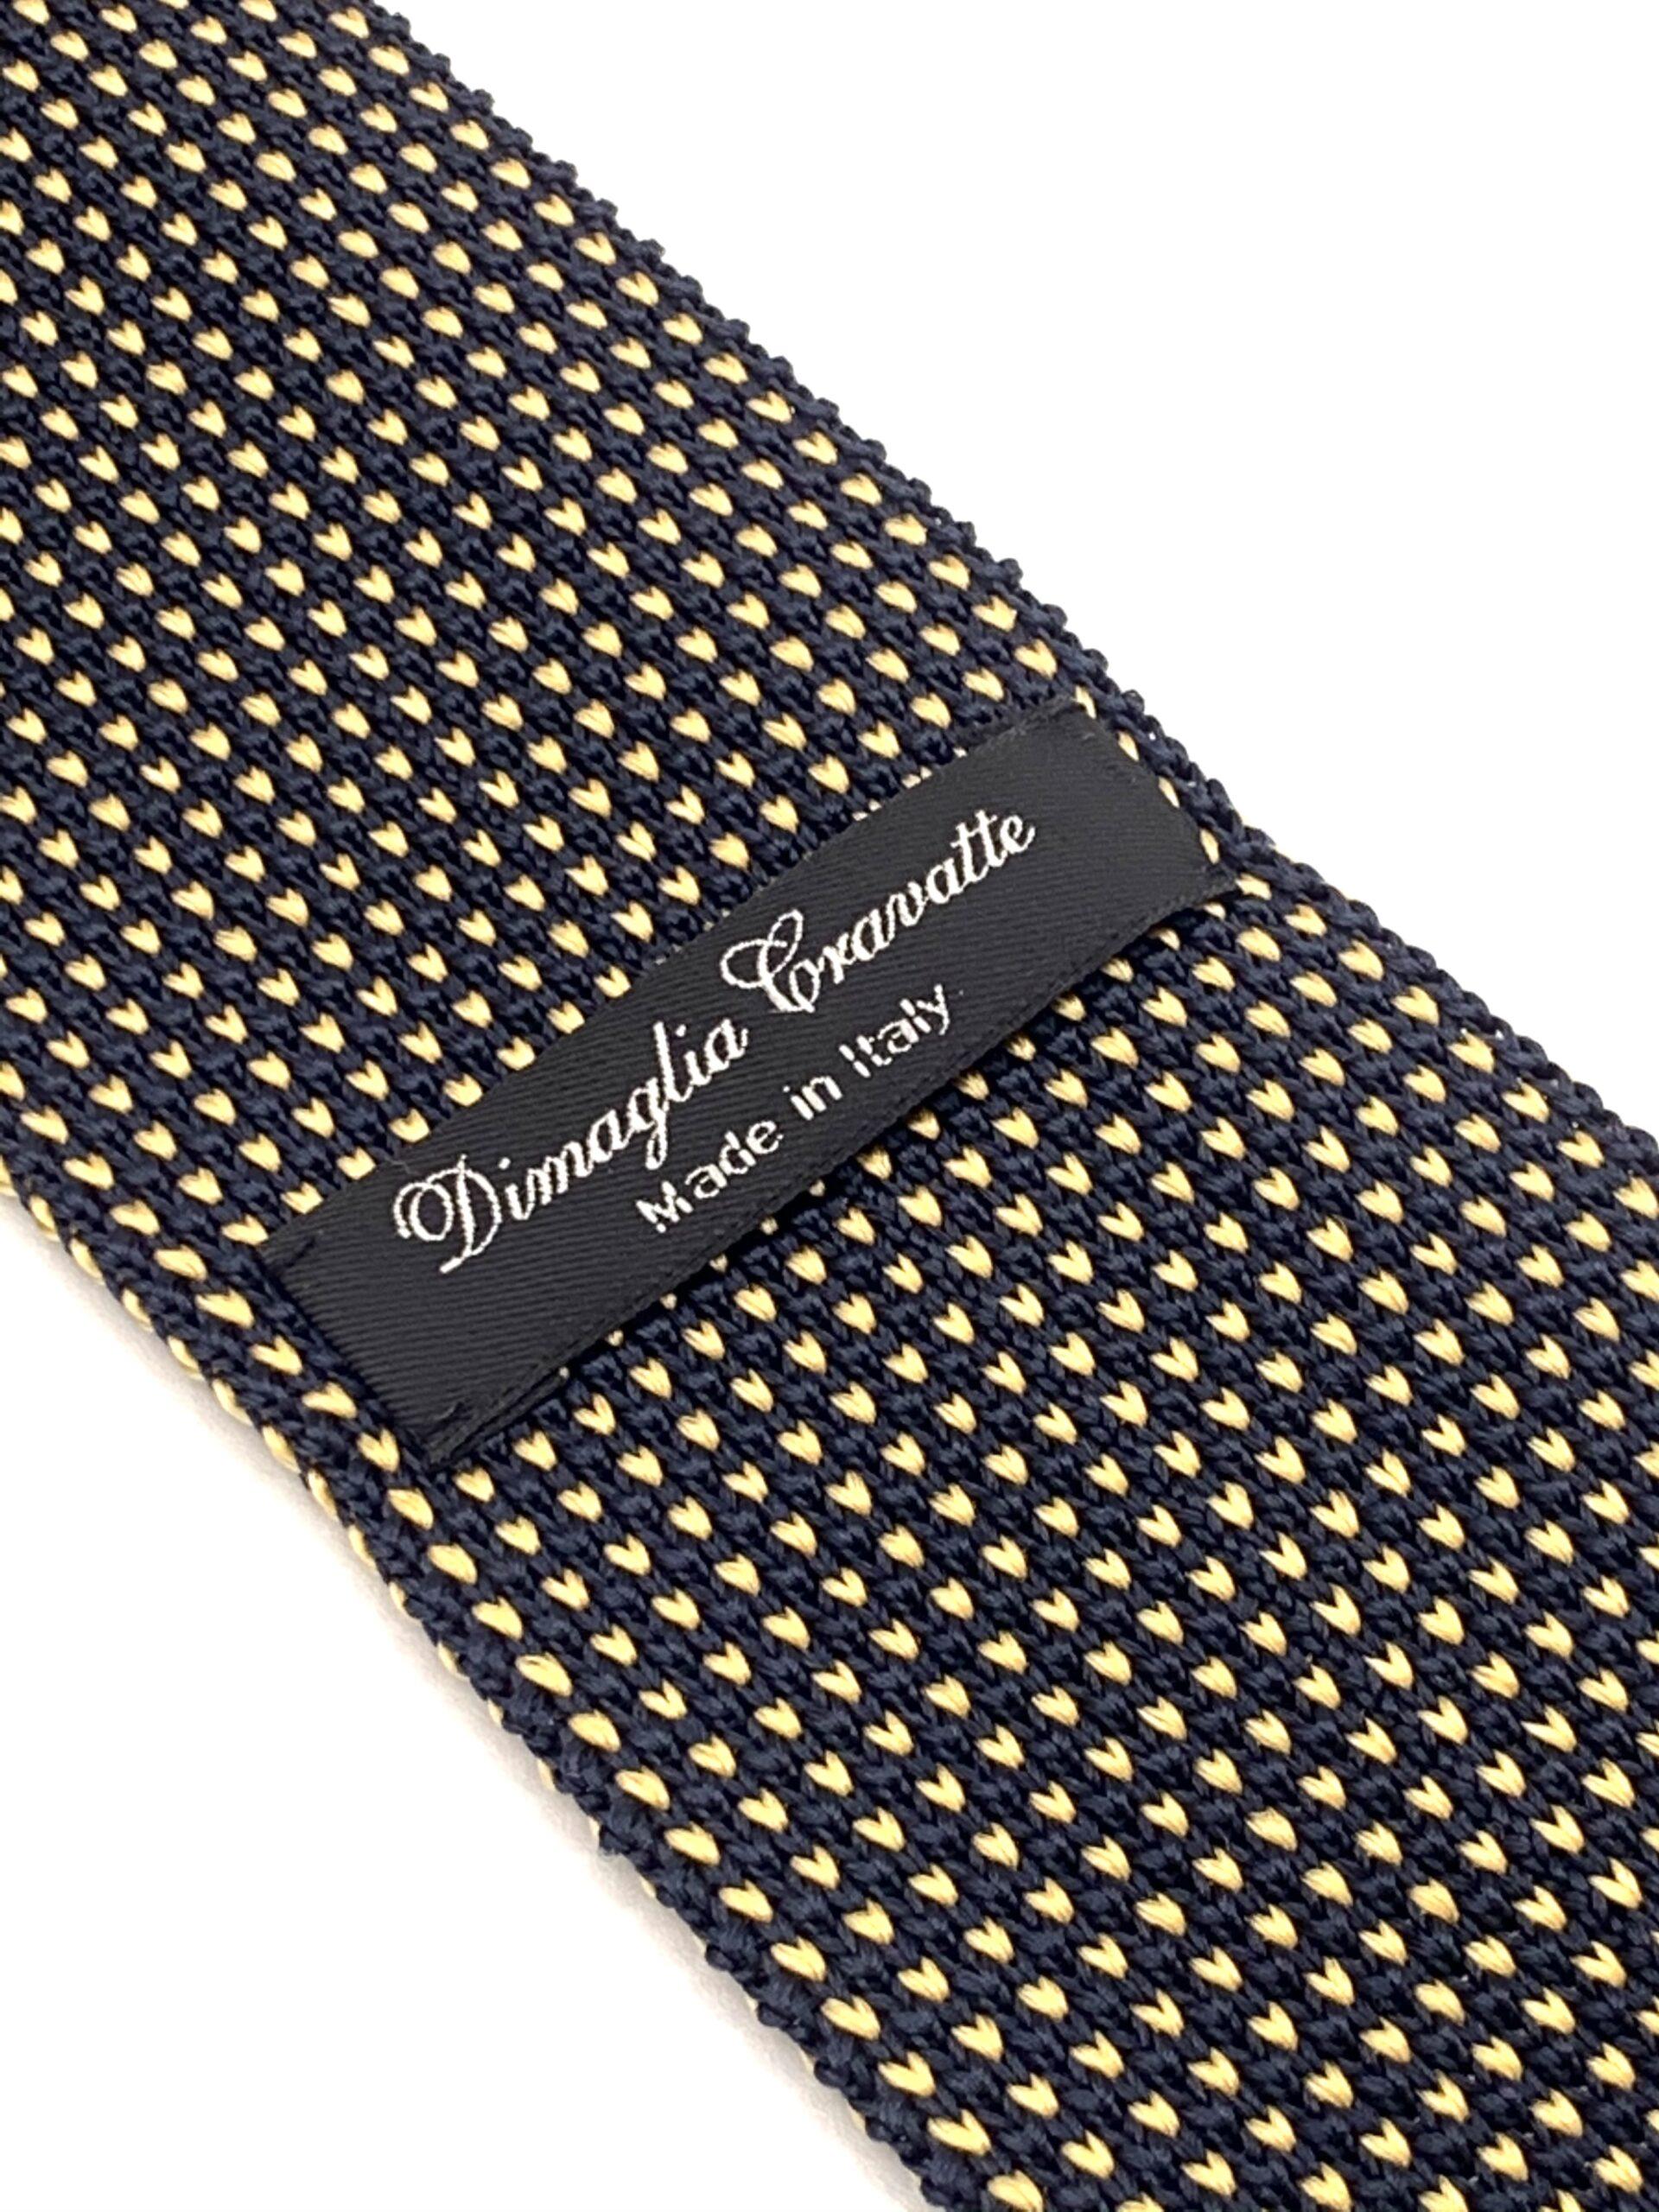 DIMAGLIA - cravatta di maglia con puntini blu e giallo zoom